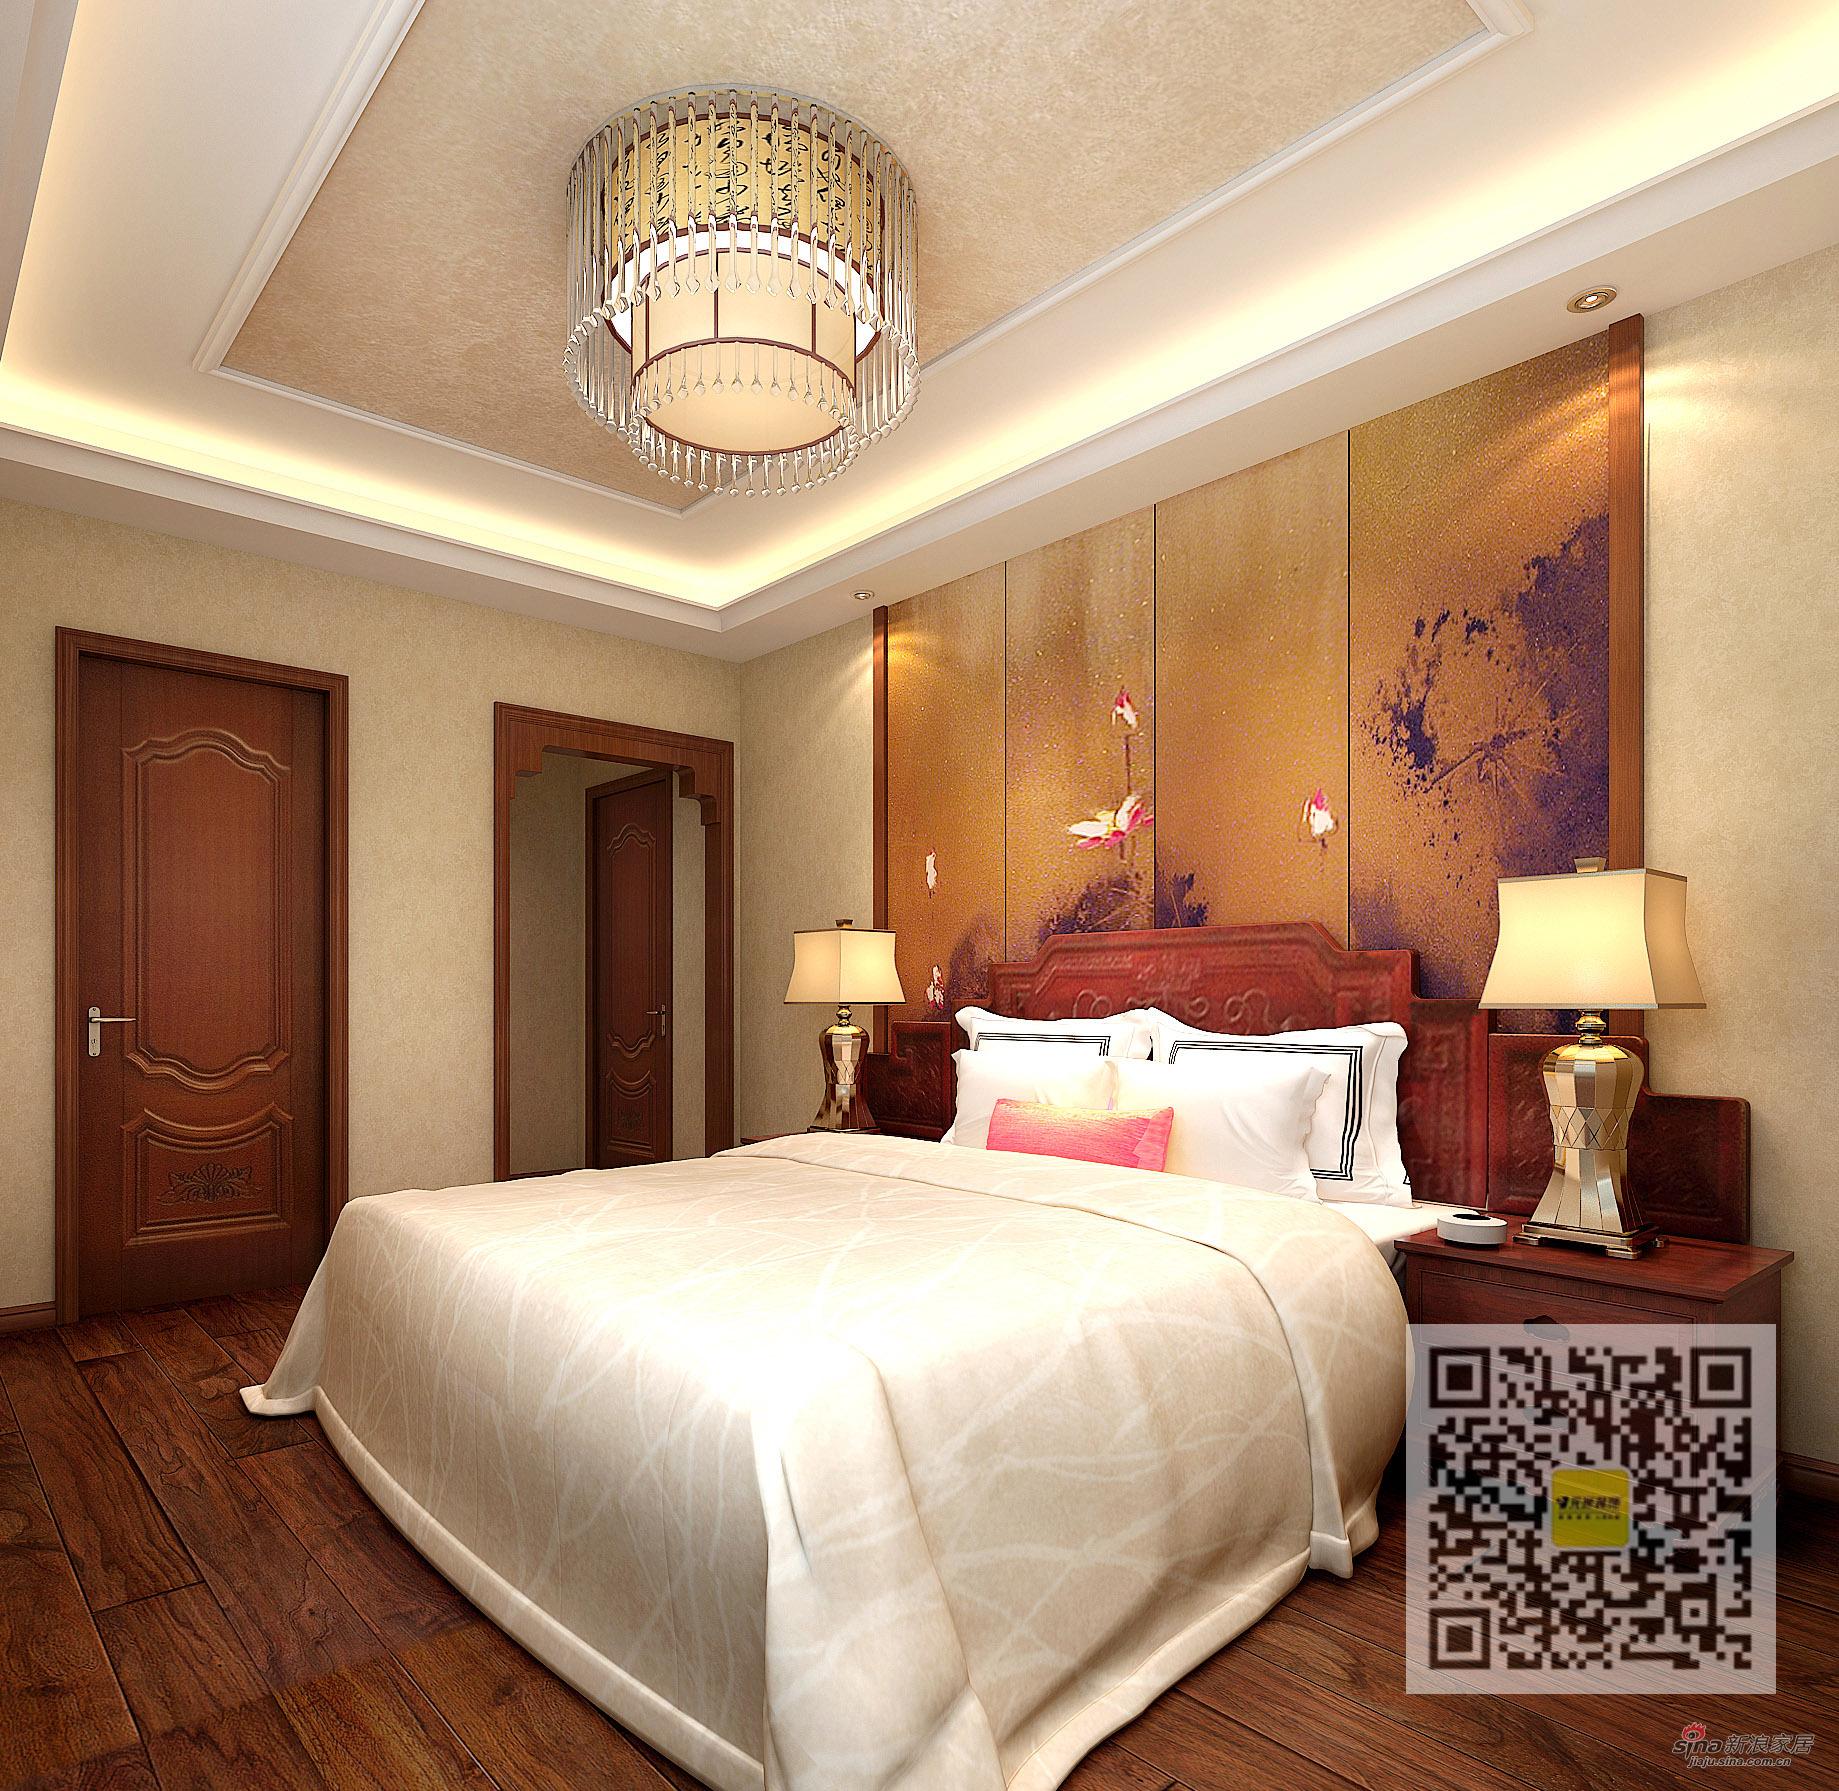 中式 三居 卧室图片来自用户1907659705在新中式风格三居室71的分享